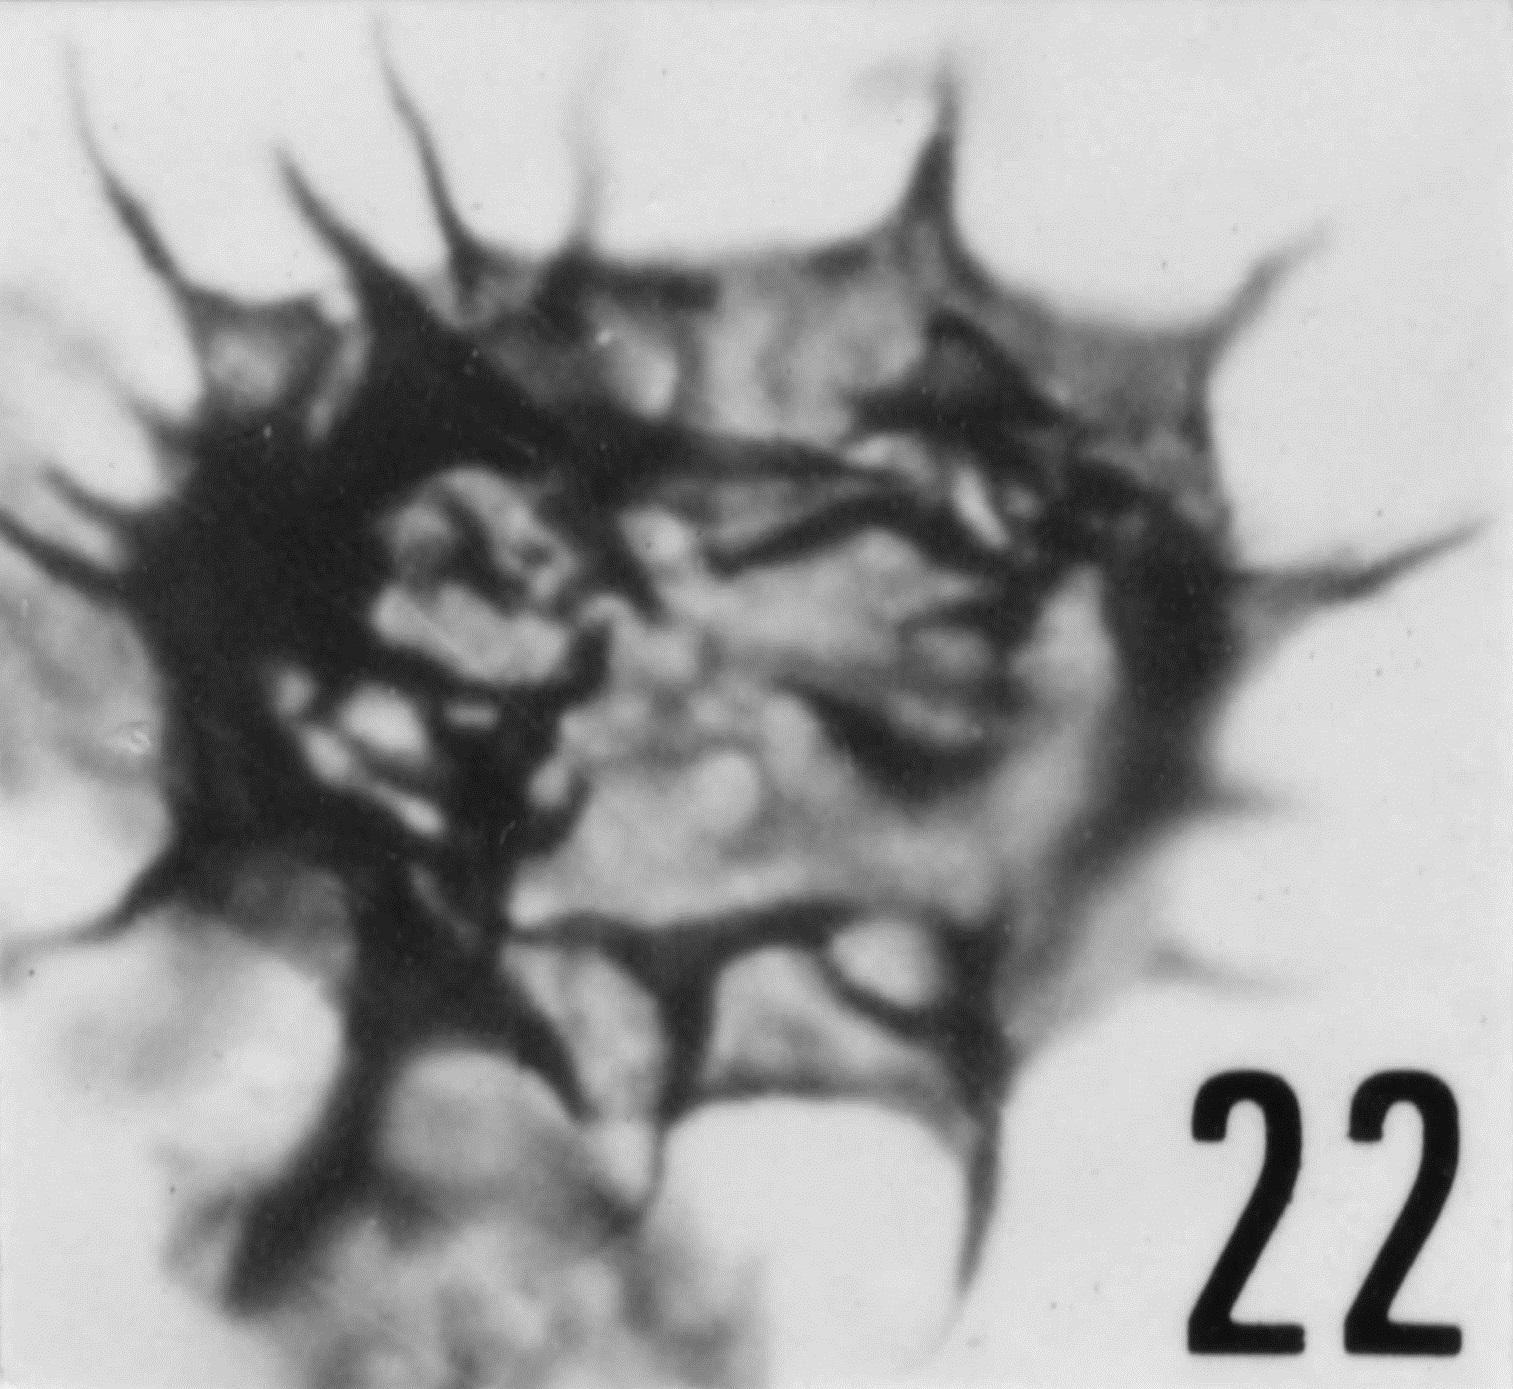 Fig. 22 - Acanthodiacrodium achrasi Martin, F., 1972. CHE-25. I. R. Se. N. B. No b503.